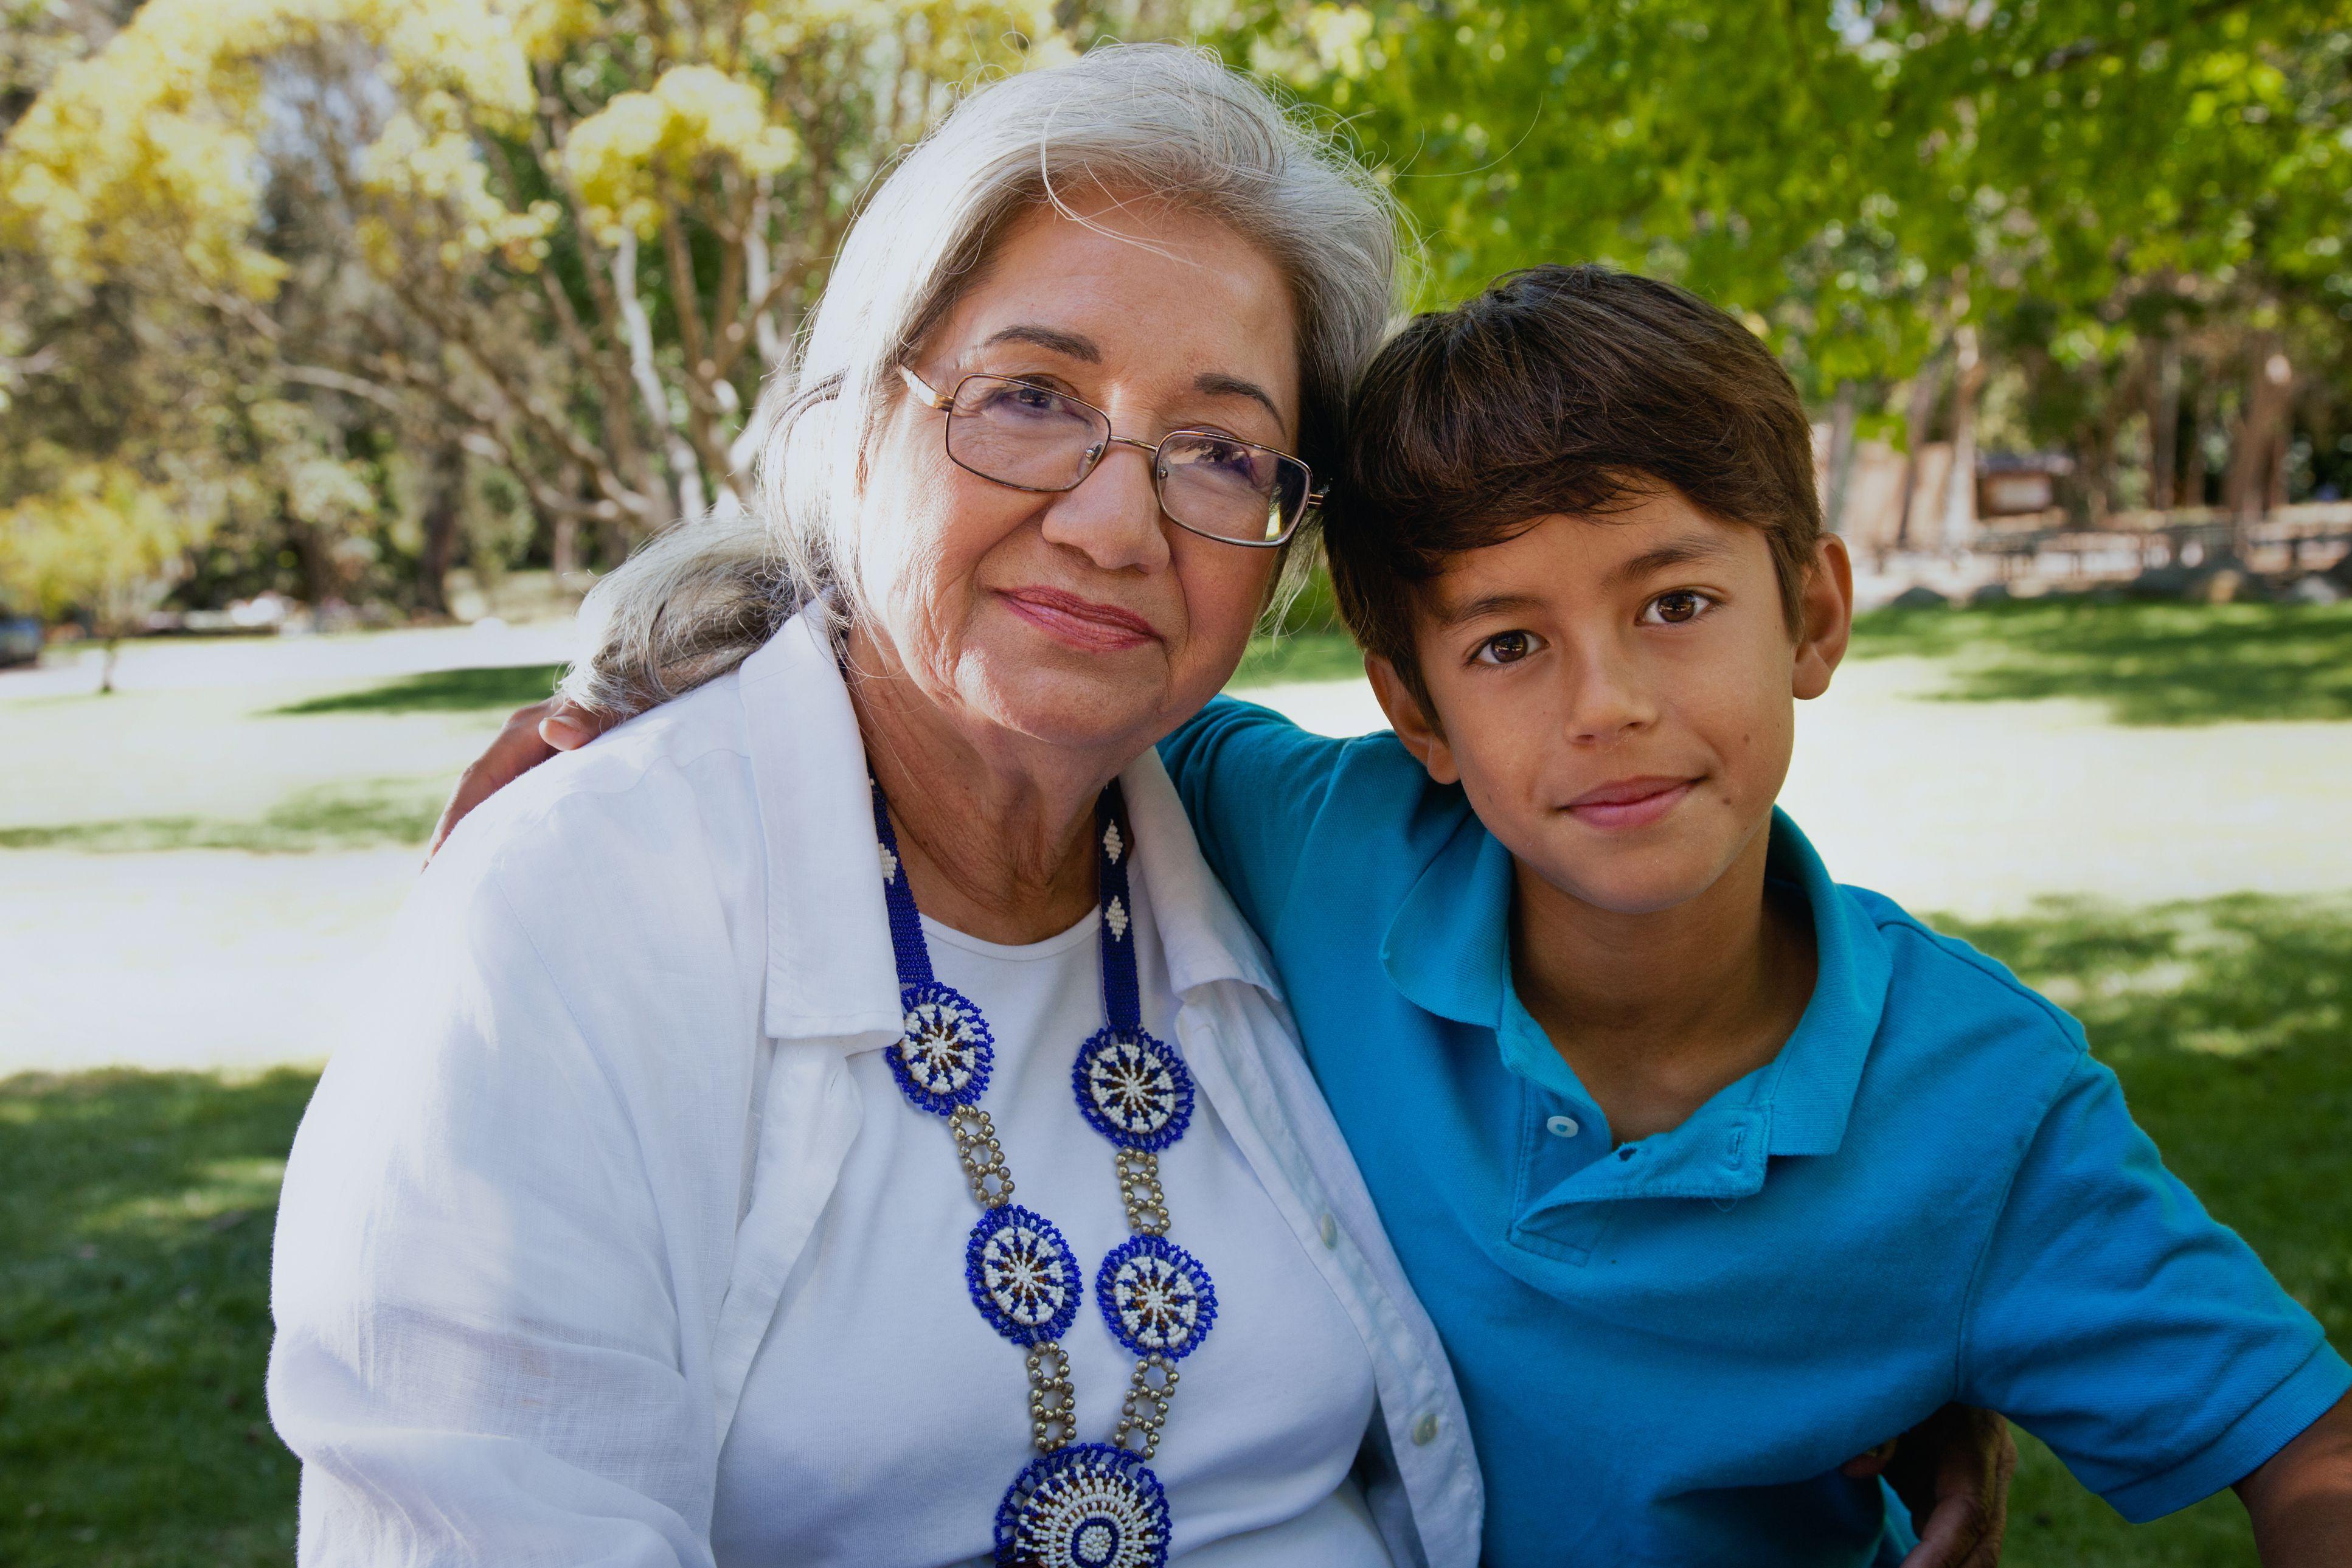 Grandpa and grandson sex